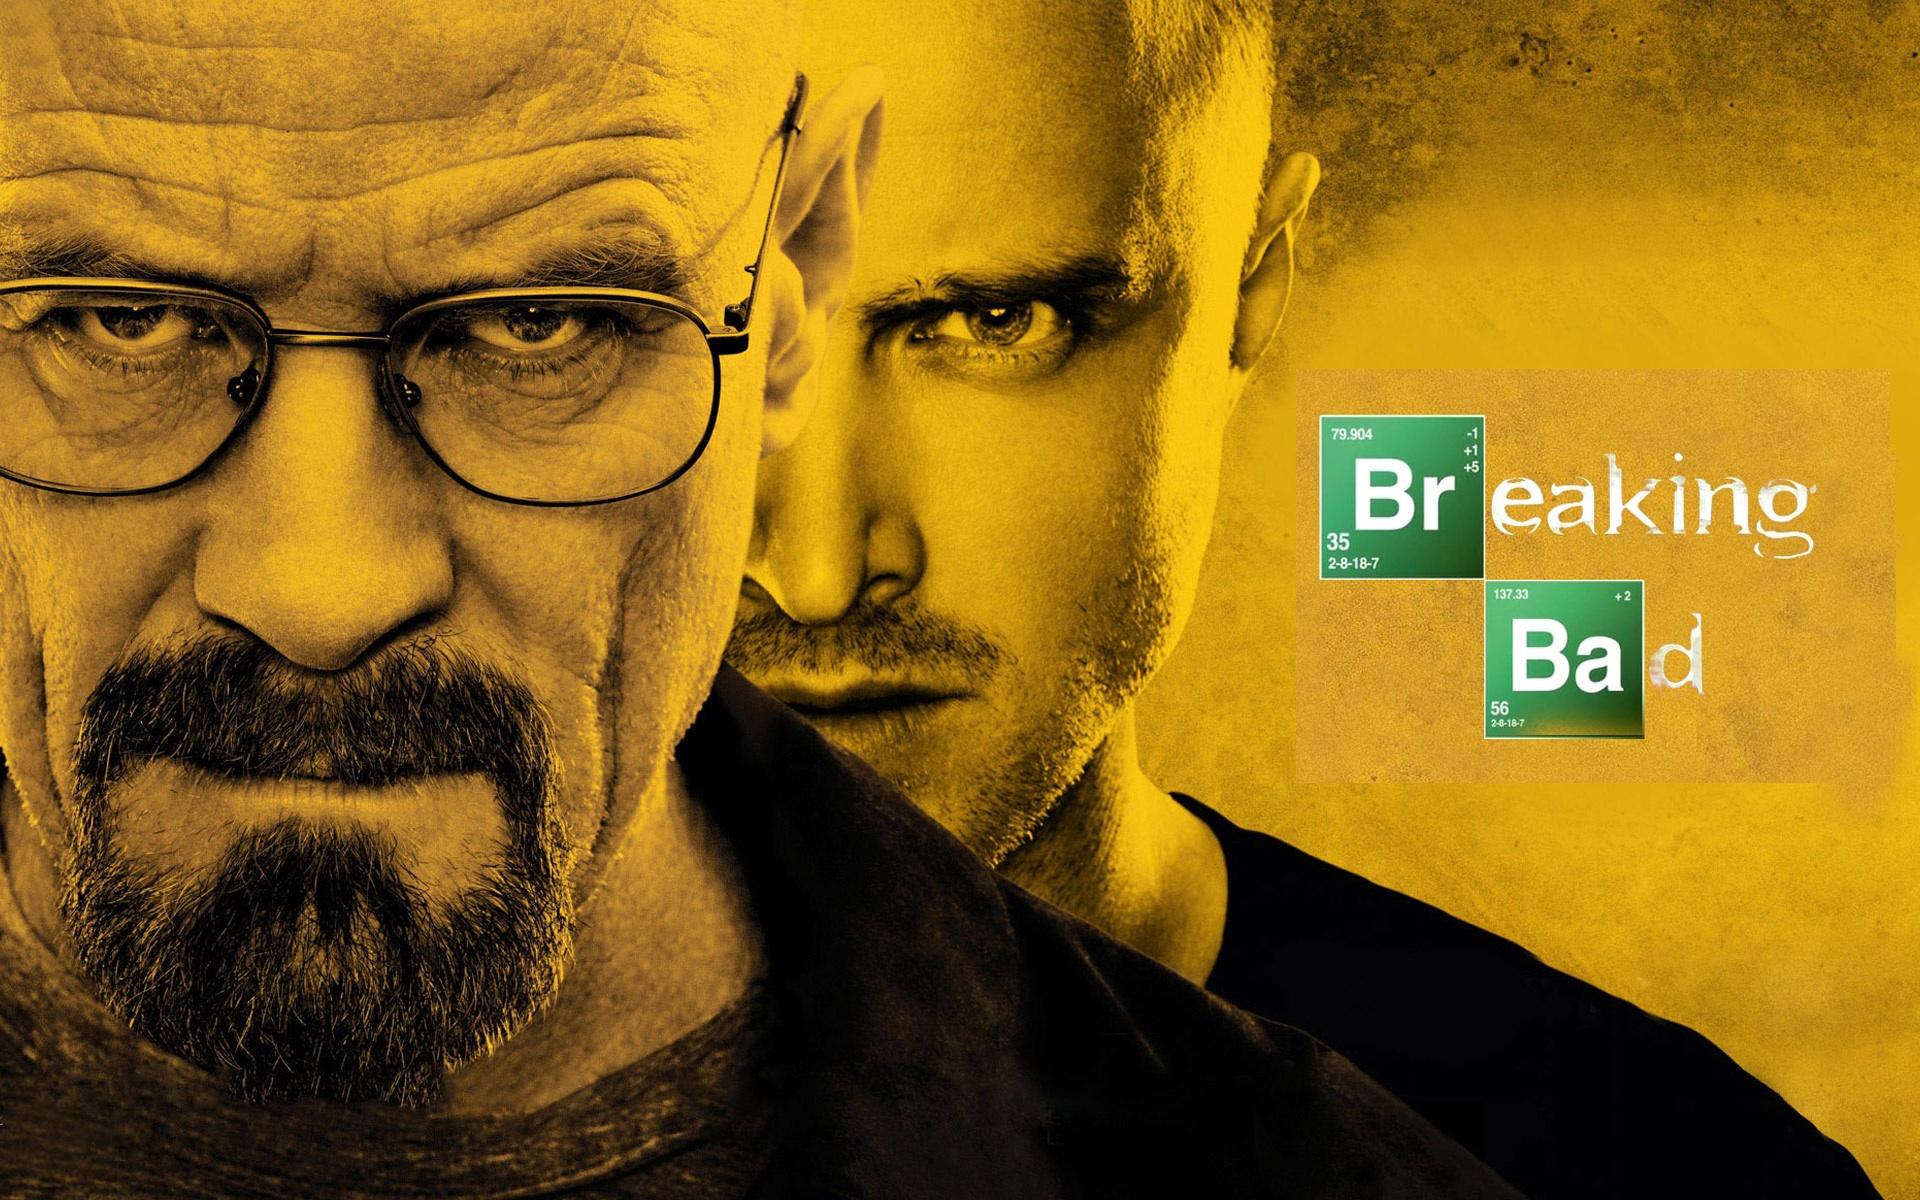 Breaking Bad được xem là ứng cử viên nặng ký nhất của đề cử Series phim  truyền hình xuất sắc. (Ảnh: B.B)